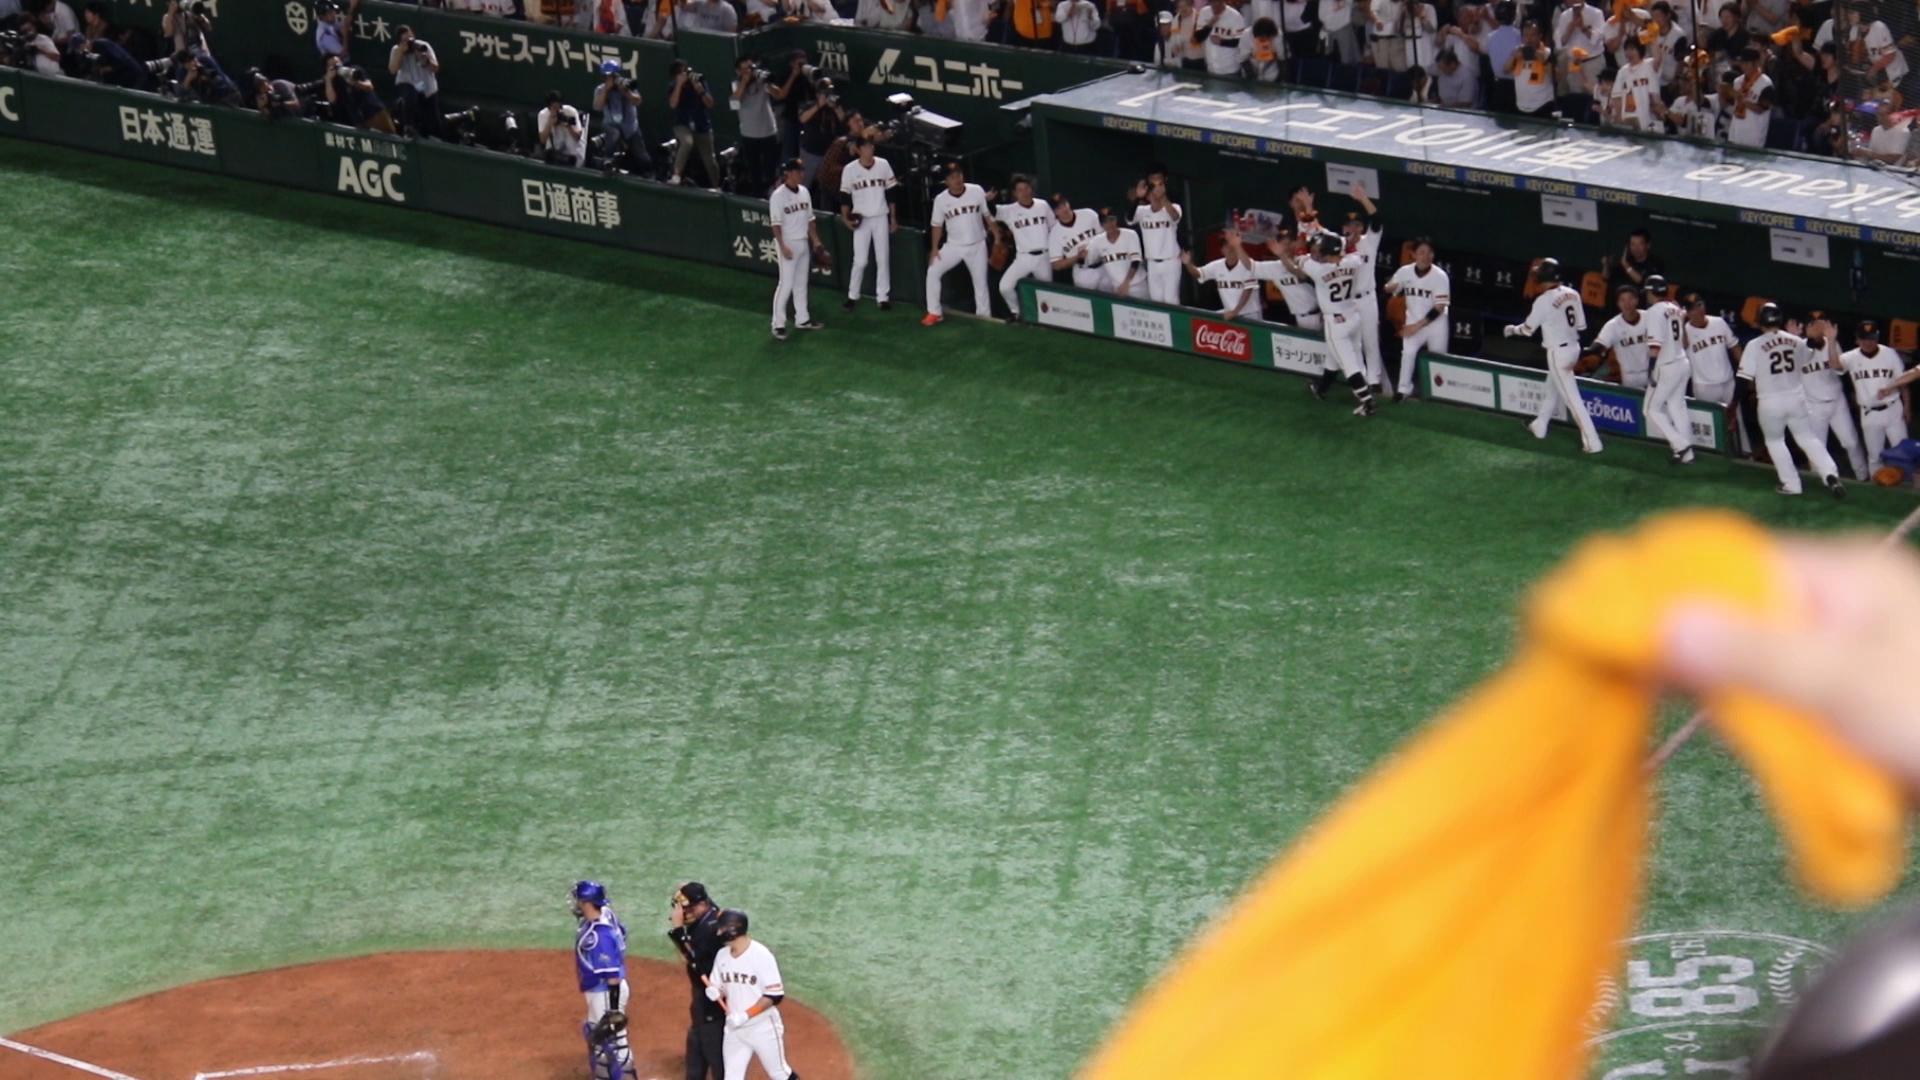 2019.9.27 ありがとう慎之助 5回裏、炭谷銀仁朗の満塁ホームランで4点の勝ち越し!